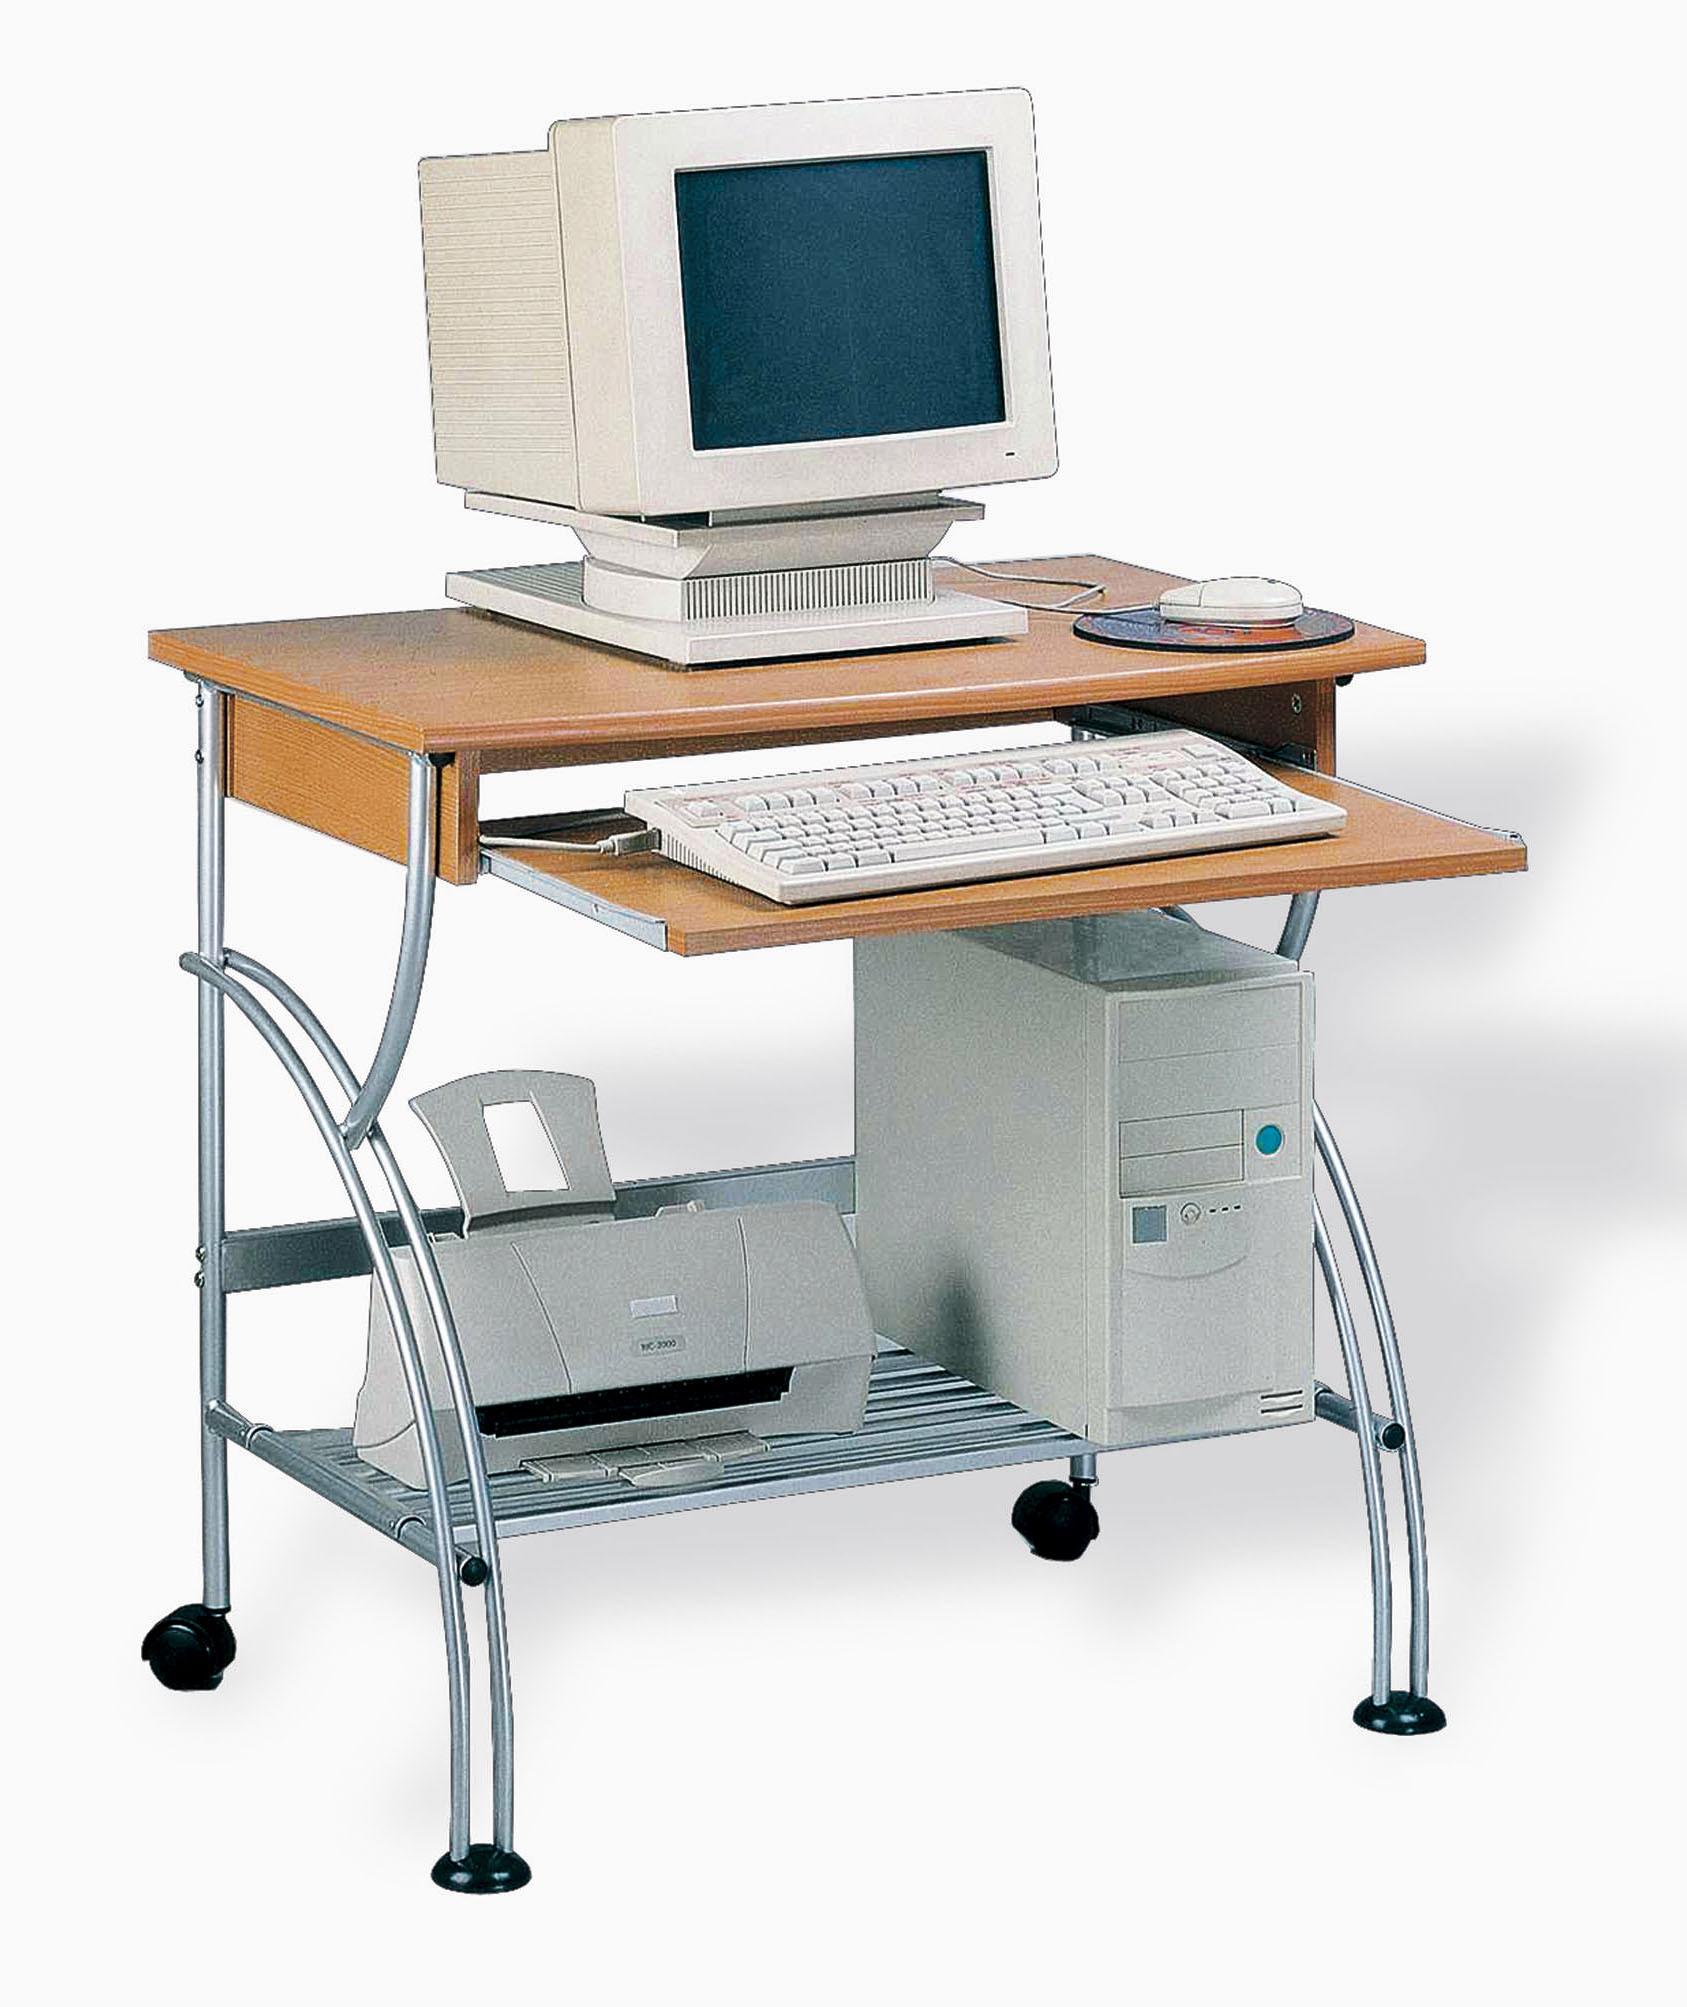 Mesa ordenador mk1 decora descans mueble complemento hogar Mesas de ordenador de diseno